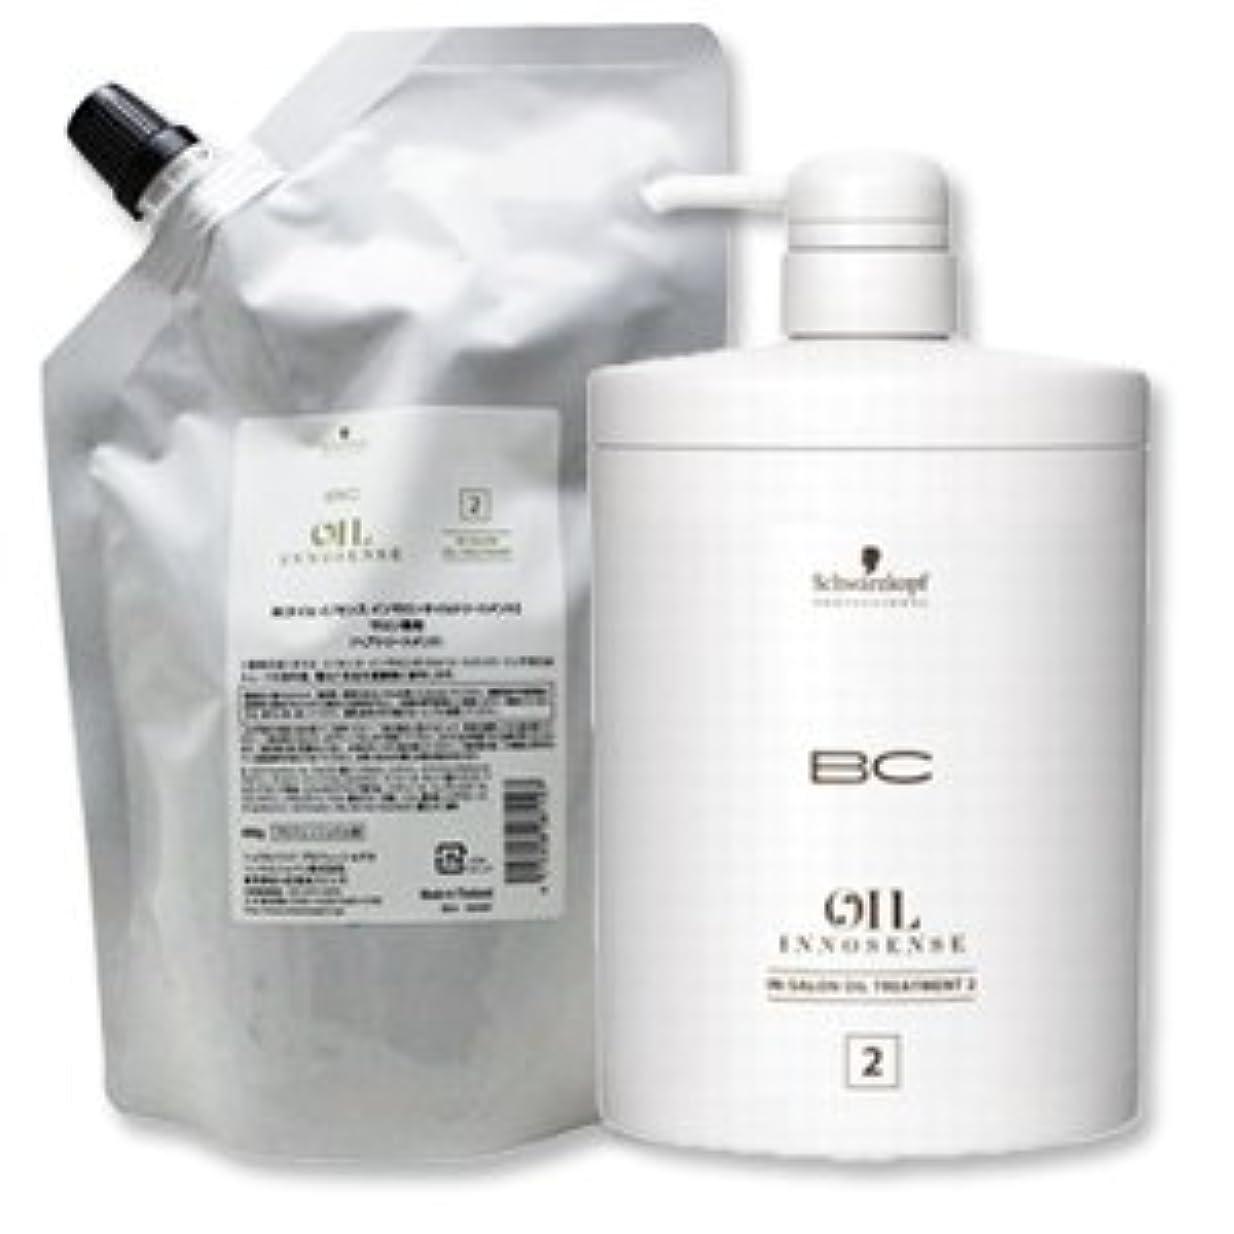 免疫差別同情シュワルツコフ BC オイルイノセンス インサロンオイルトリートメント2 600g + 専用容器ポンプボトル セット